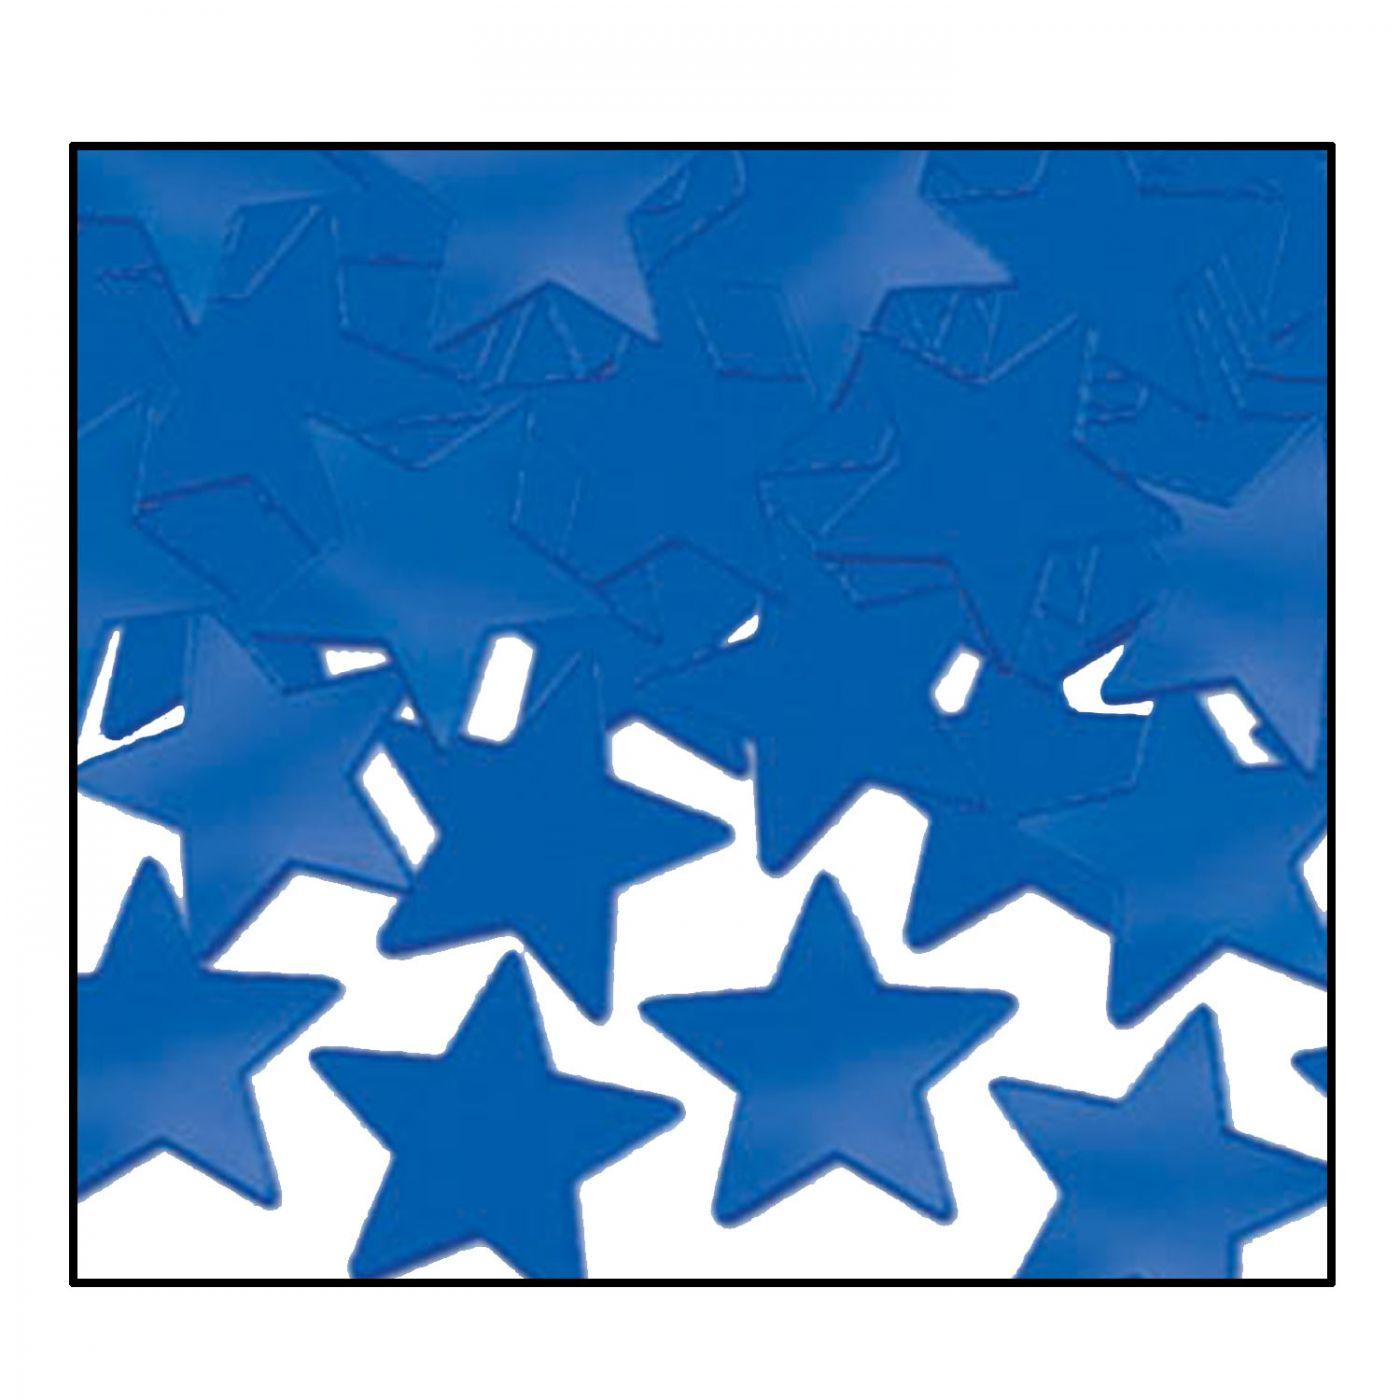 Fanci-Fetti Stars image